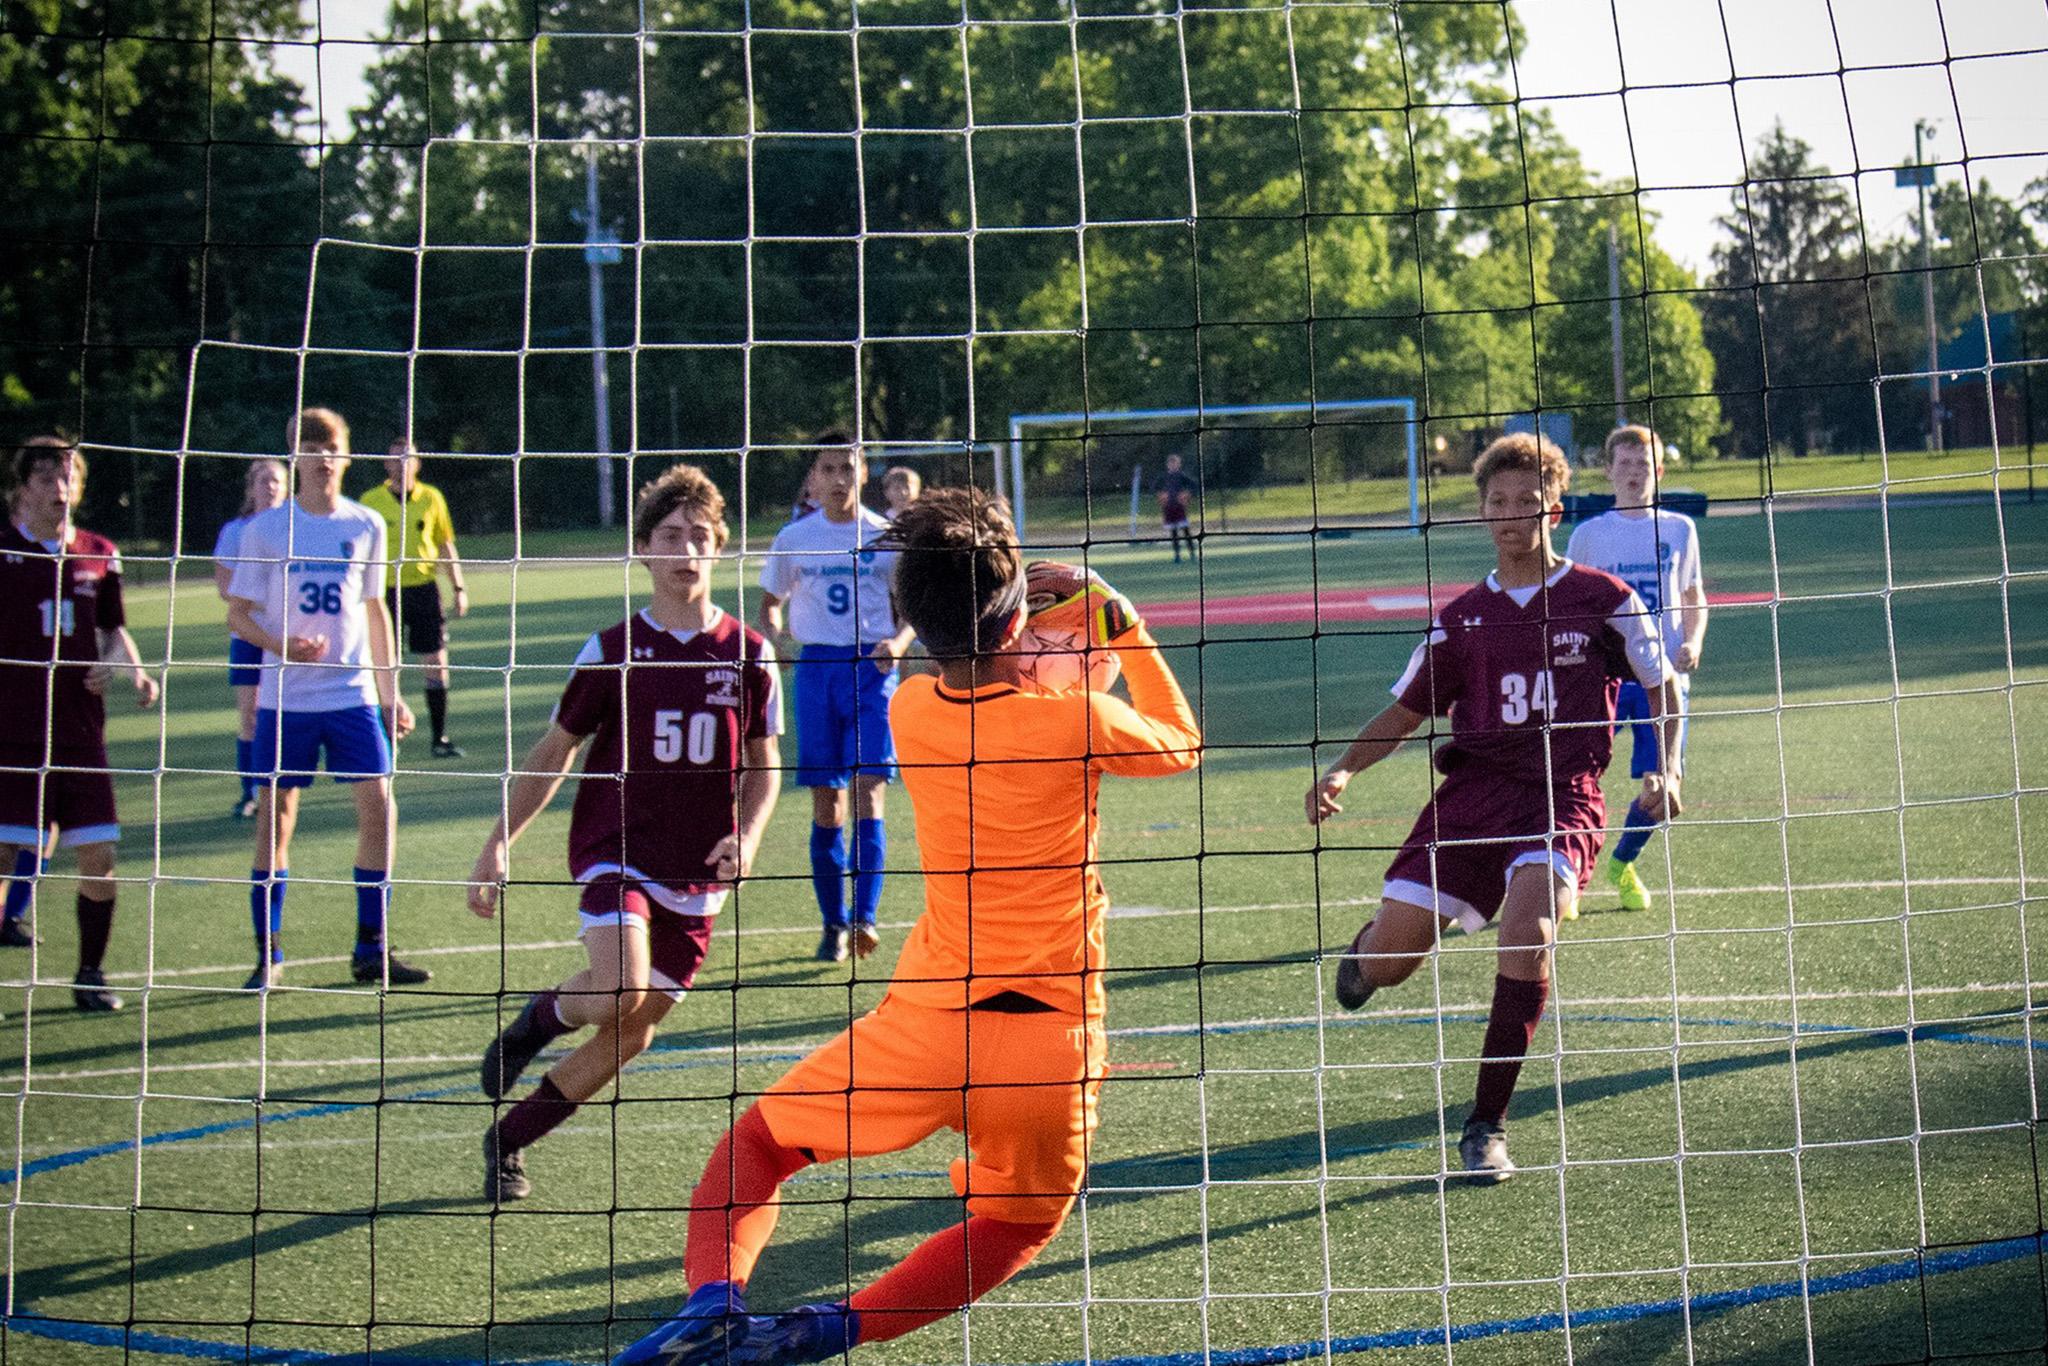 https://loucsaa.net/wp-content/uploads/2020/05/csaa-soccer-1.jpg